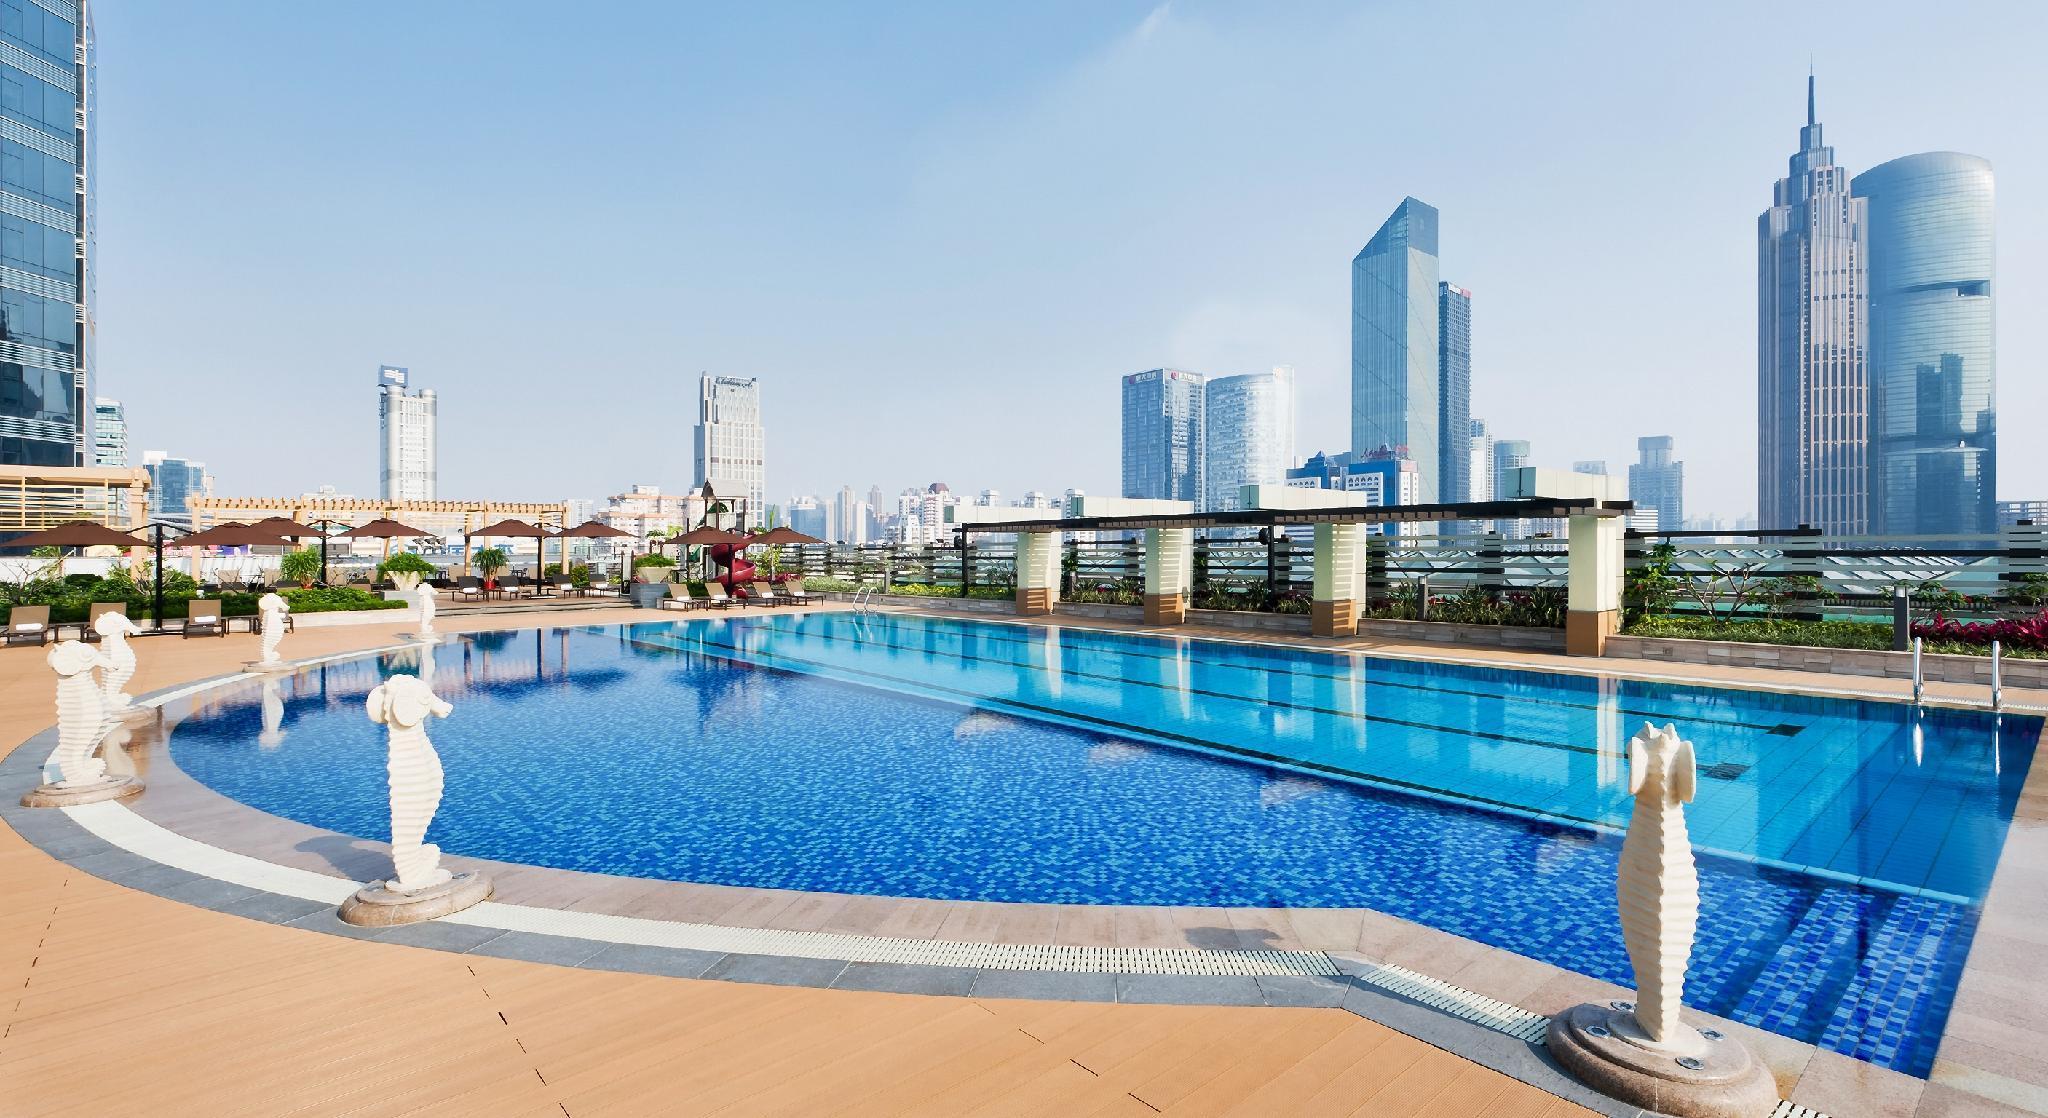 廣州粵海喜來登酒店 | 廣州 2020年 最新優惠 TWD4270 │ 點進來看照片和評論~